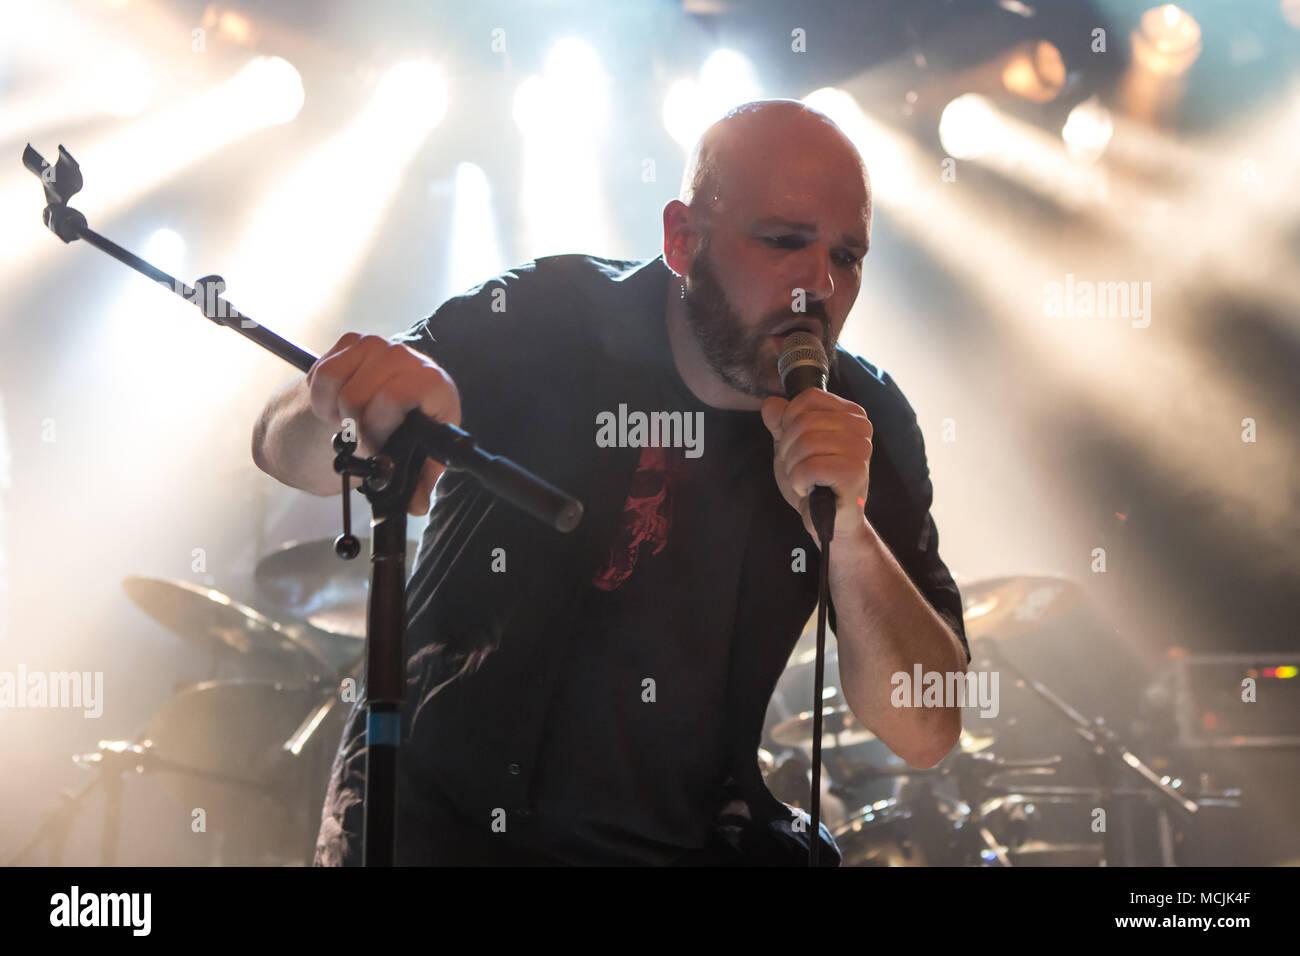 André Gasser chanteuse du groupe de metal suisse Piranha vivent dans les Schüür Lucerne, Suisse Banque D'Images